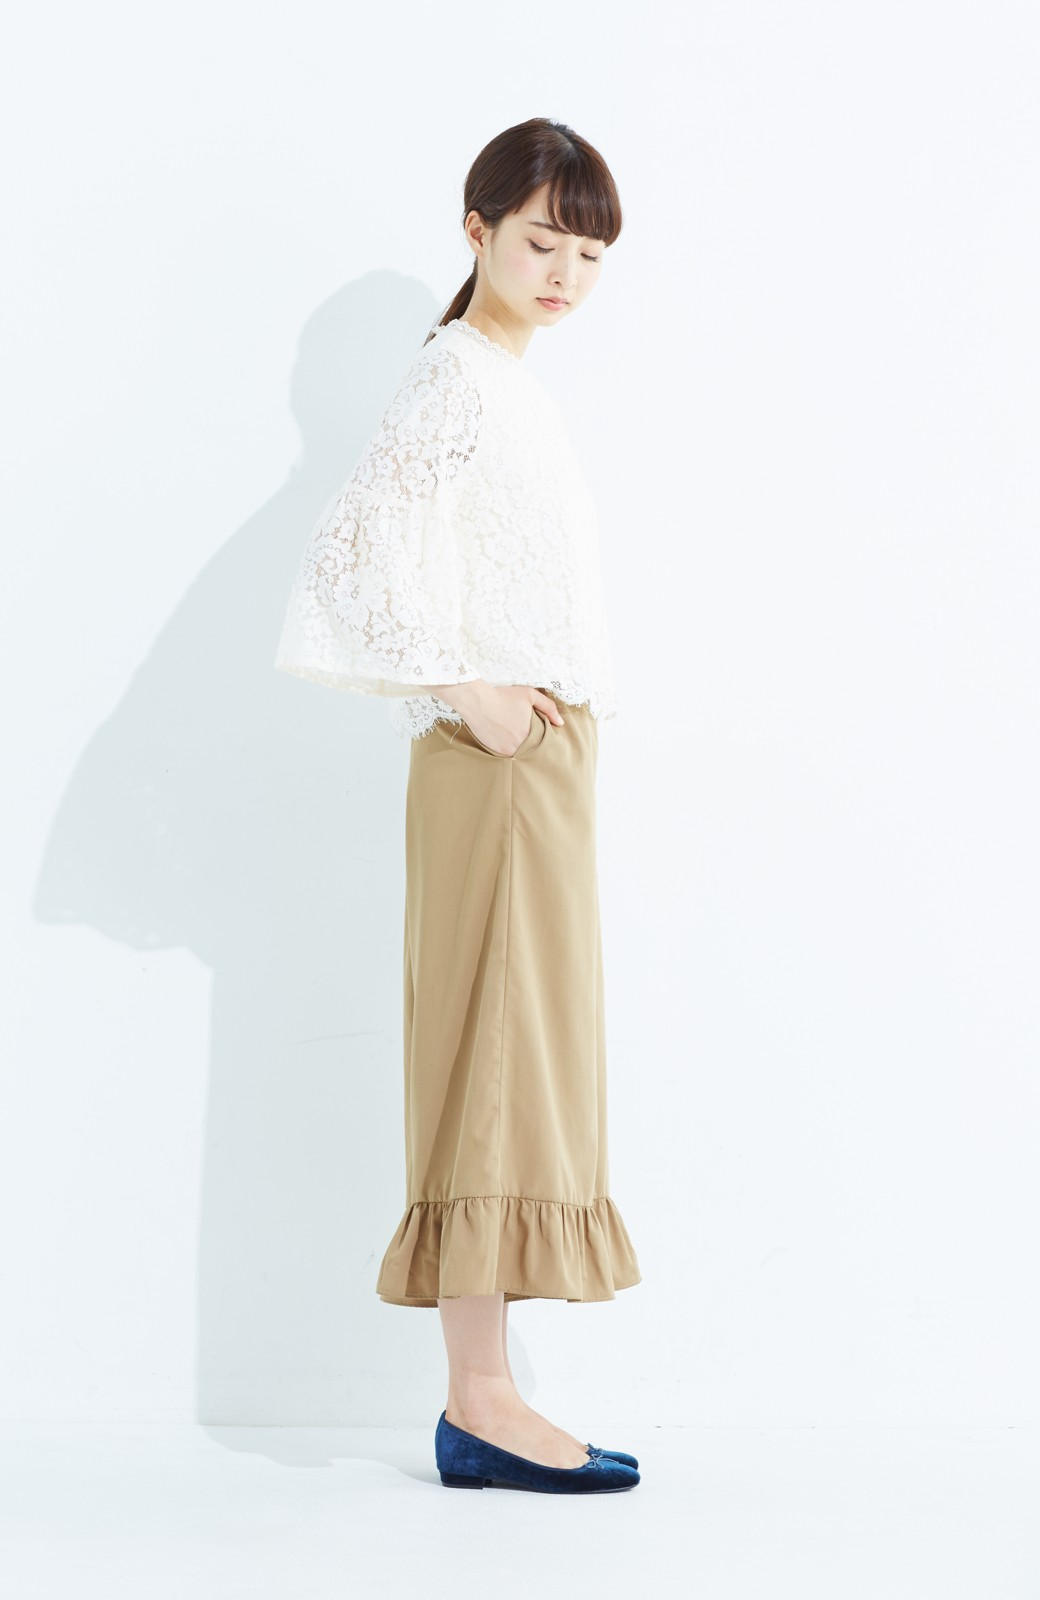 haco! スカート気分で楽しめる 華やかフレアーパンツ <ベージュ>の商品写真10